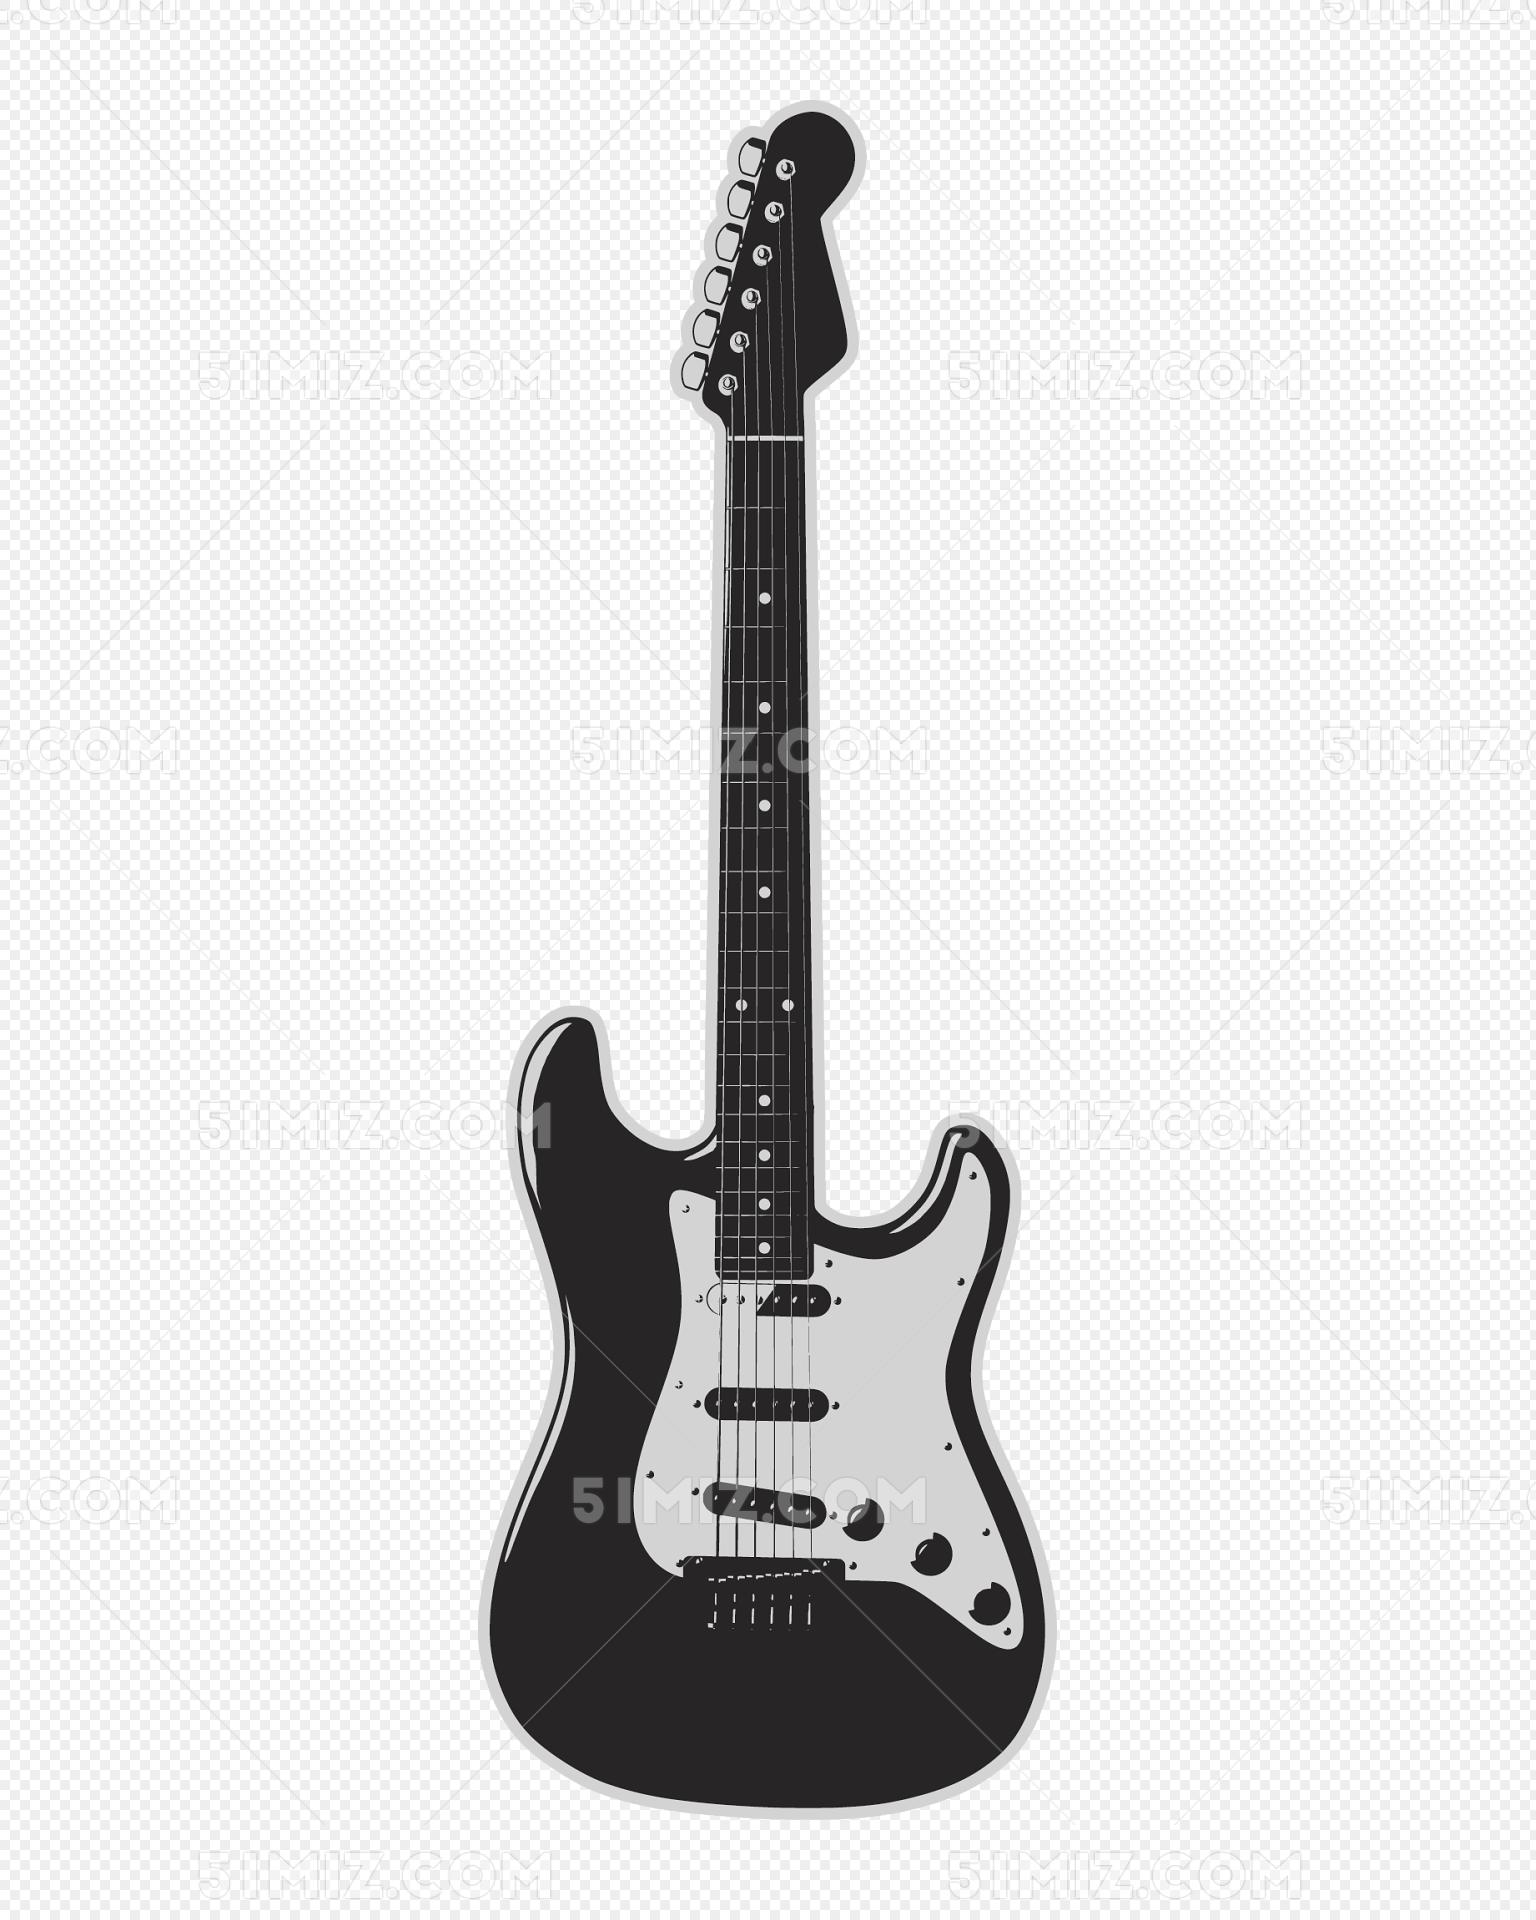 乐器吉他贝斯矢量图